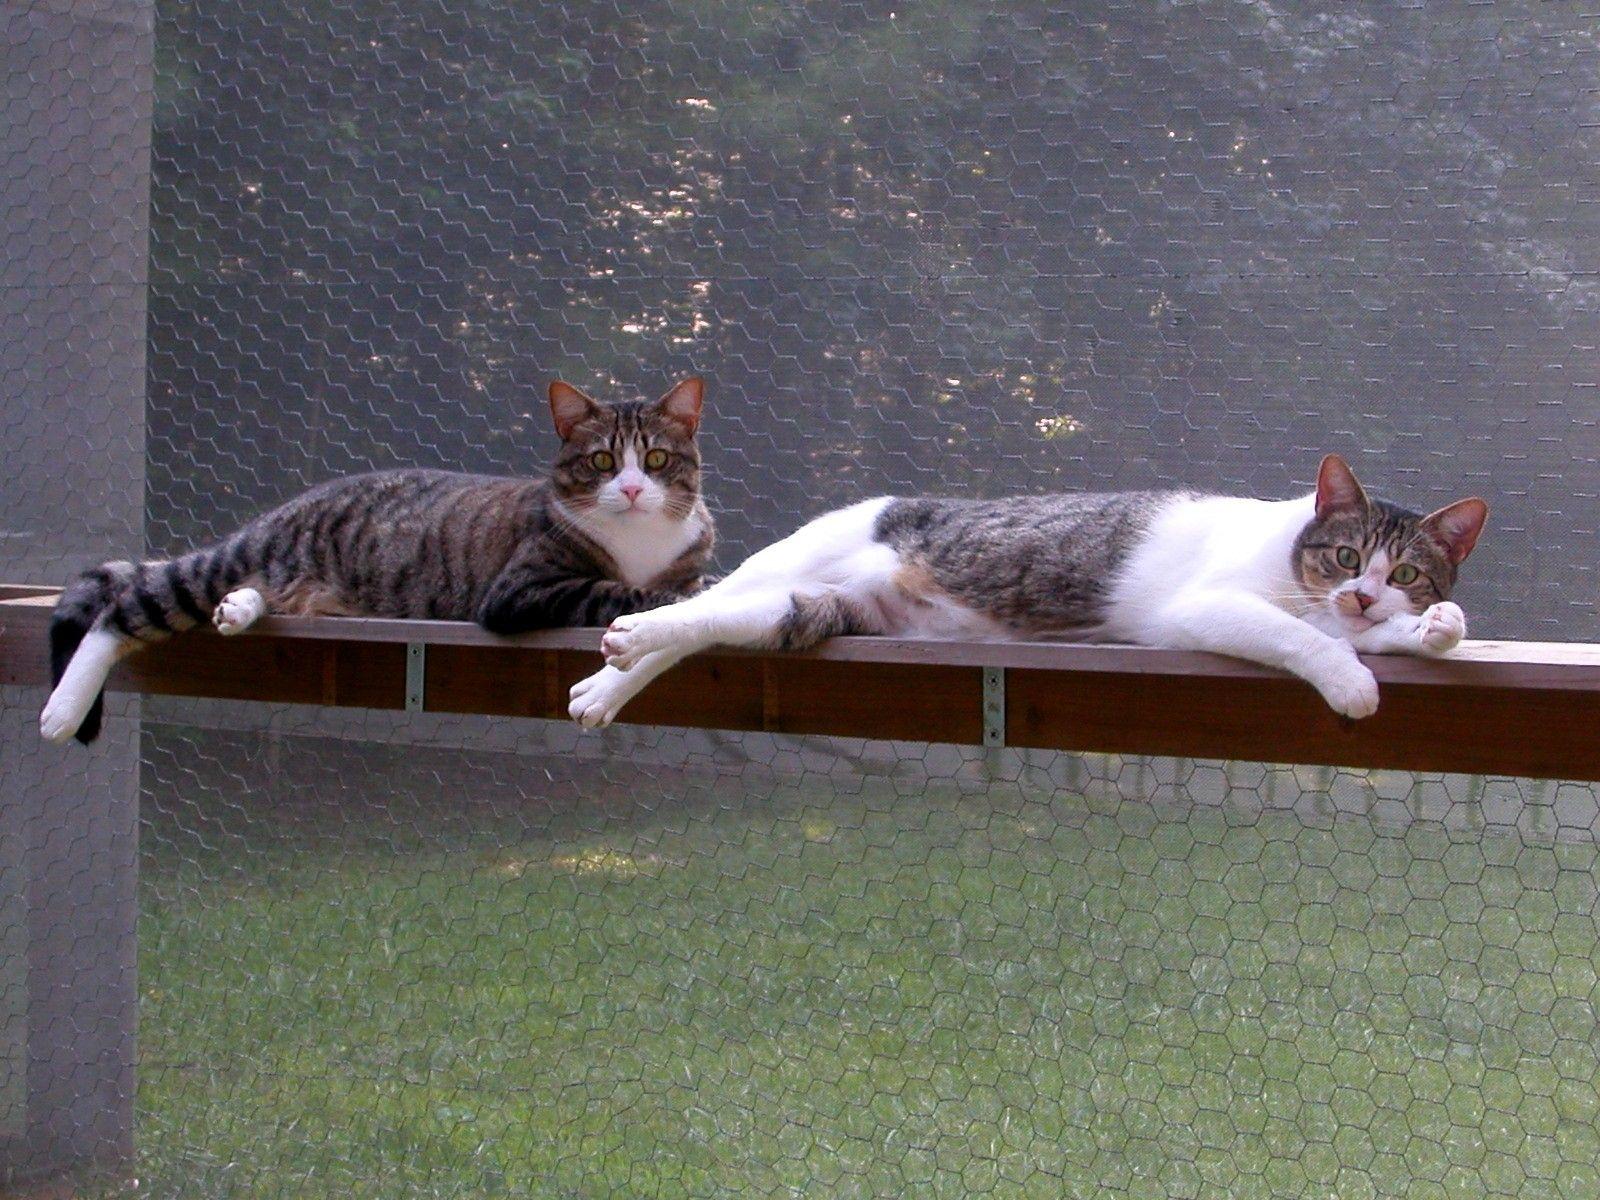 Diy Cat Shelves | Build Your Own Catio Cat Enclosure Accessories